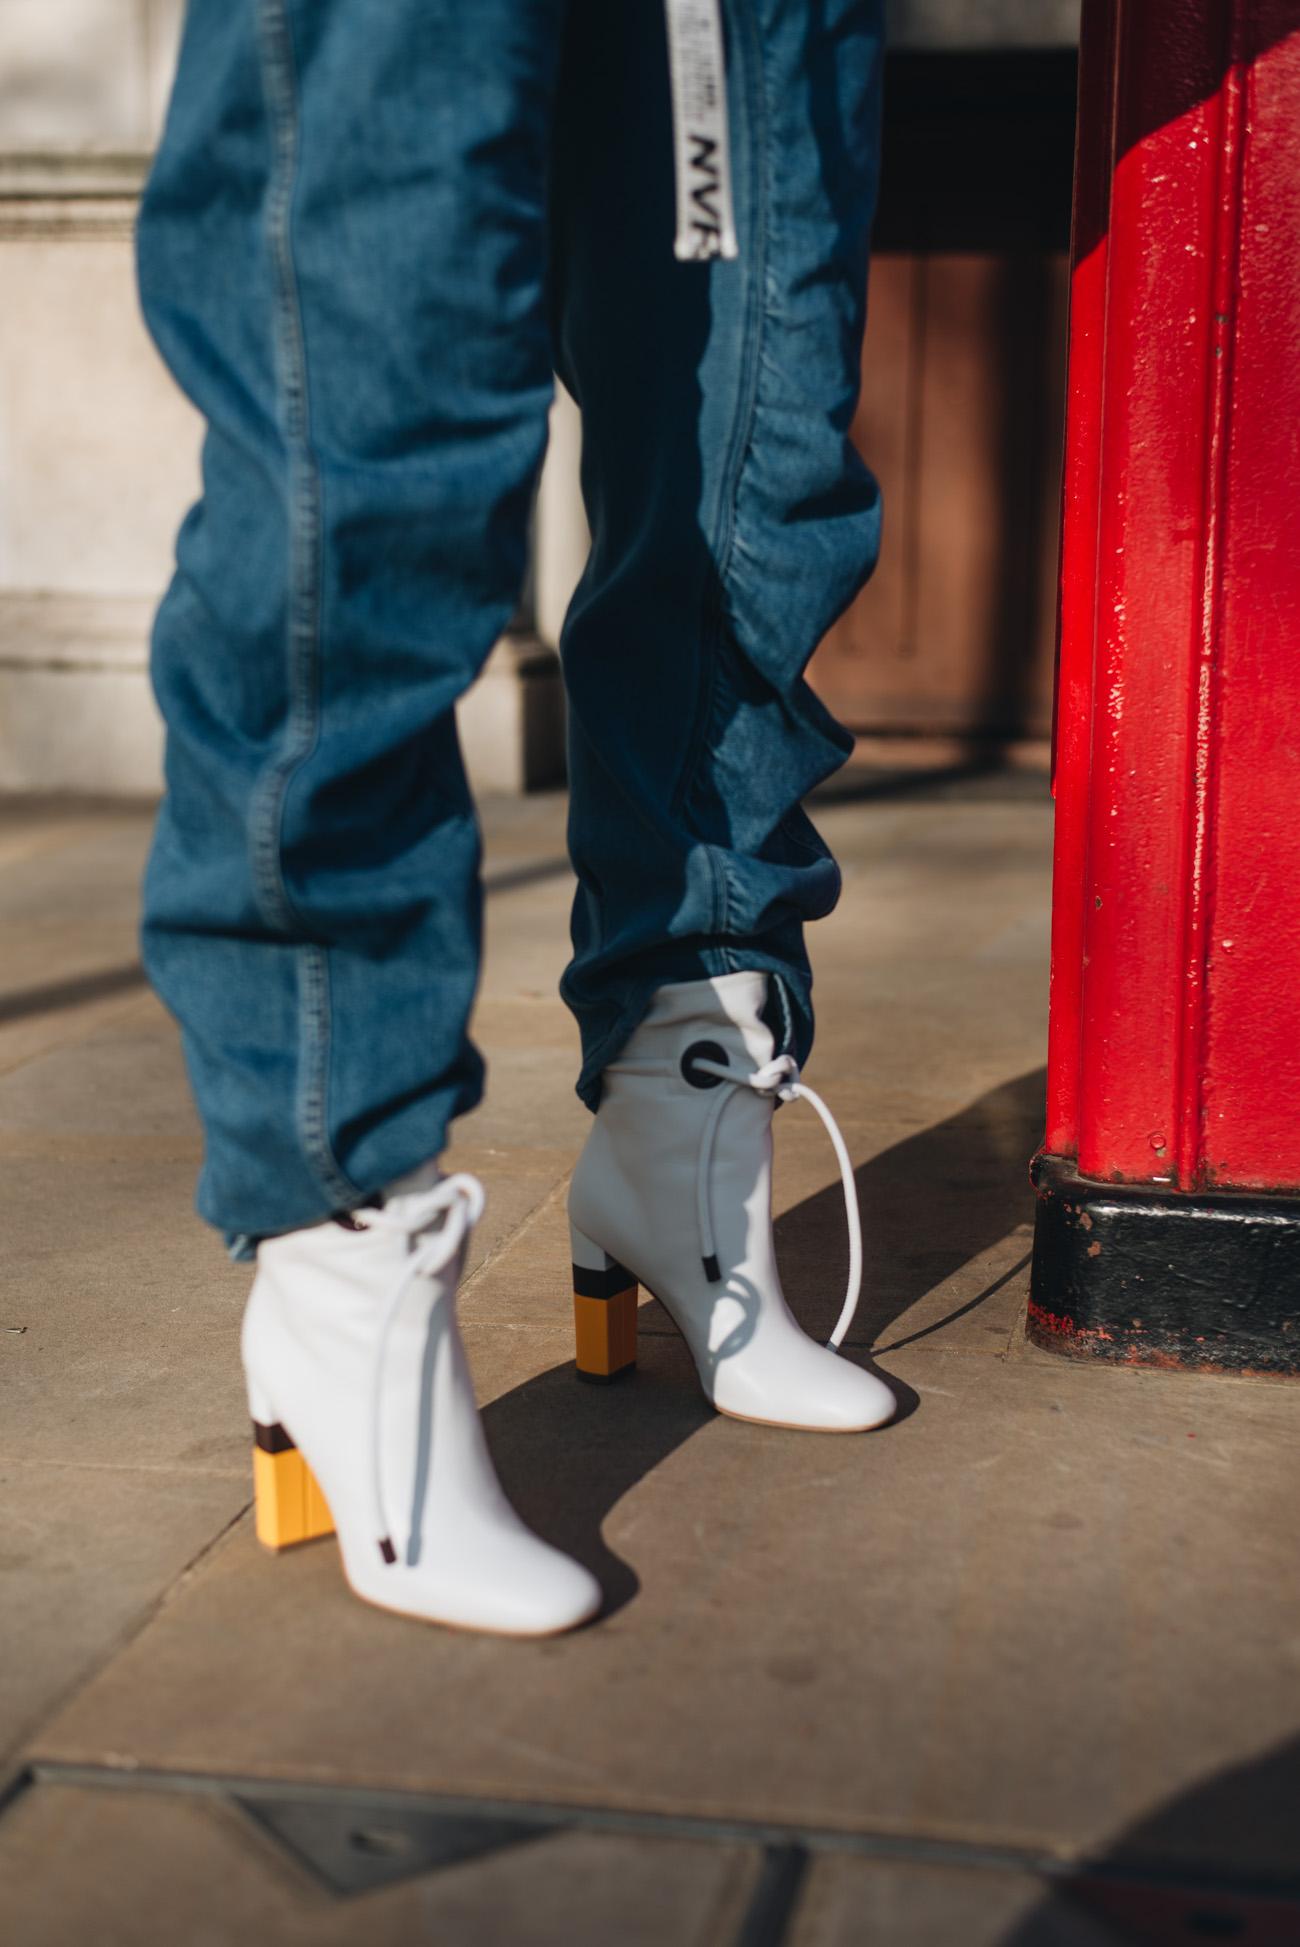 MALONE-SOULIERS-ROKSANDA-Ankle-Boots-aus-Leder-weiße-stiefeletten-nina-schwichtenberg-fashiioncarpet